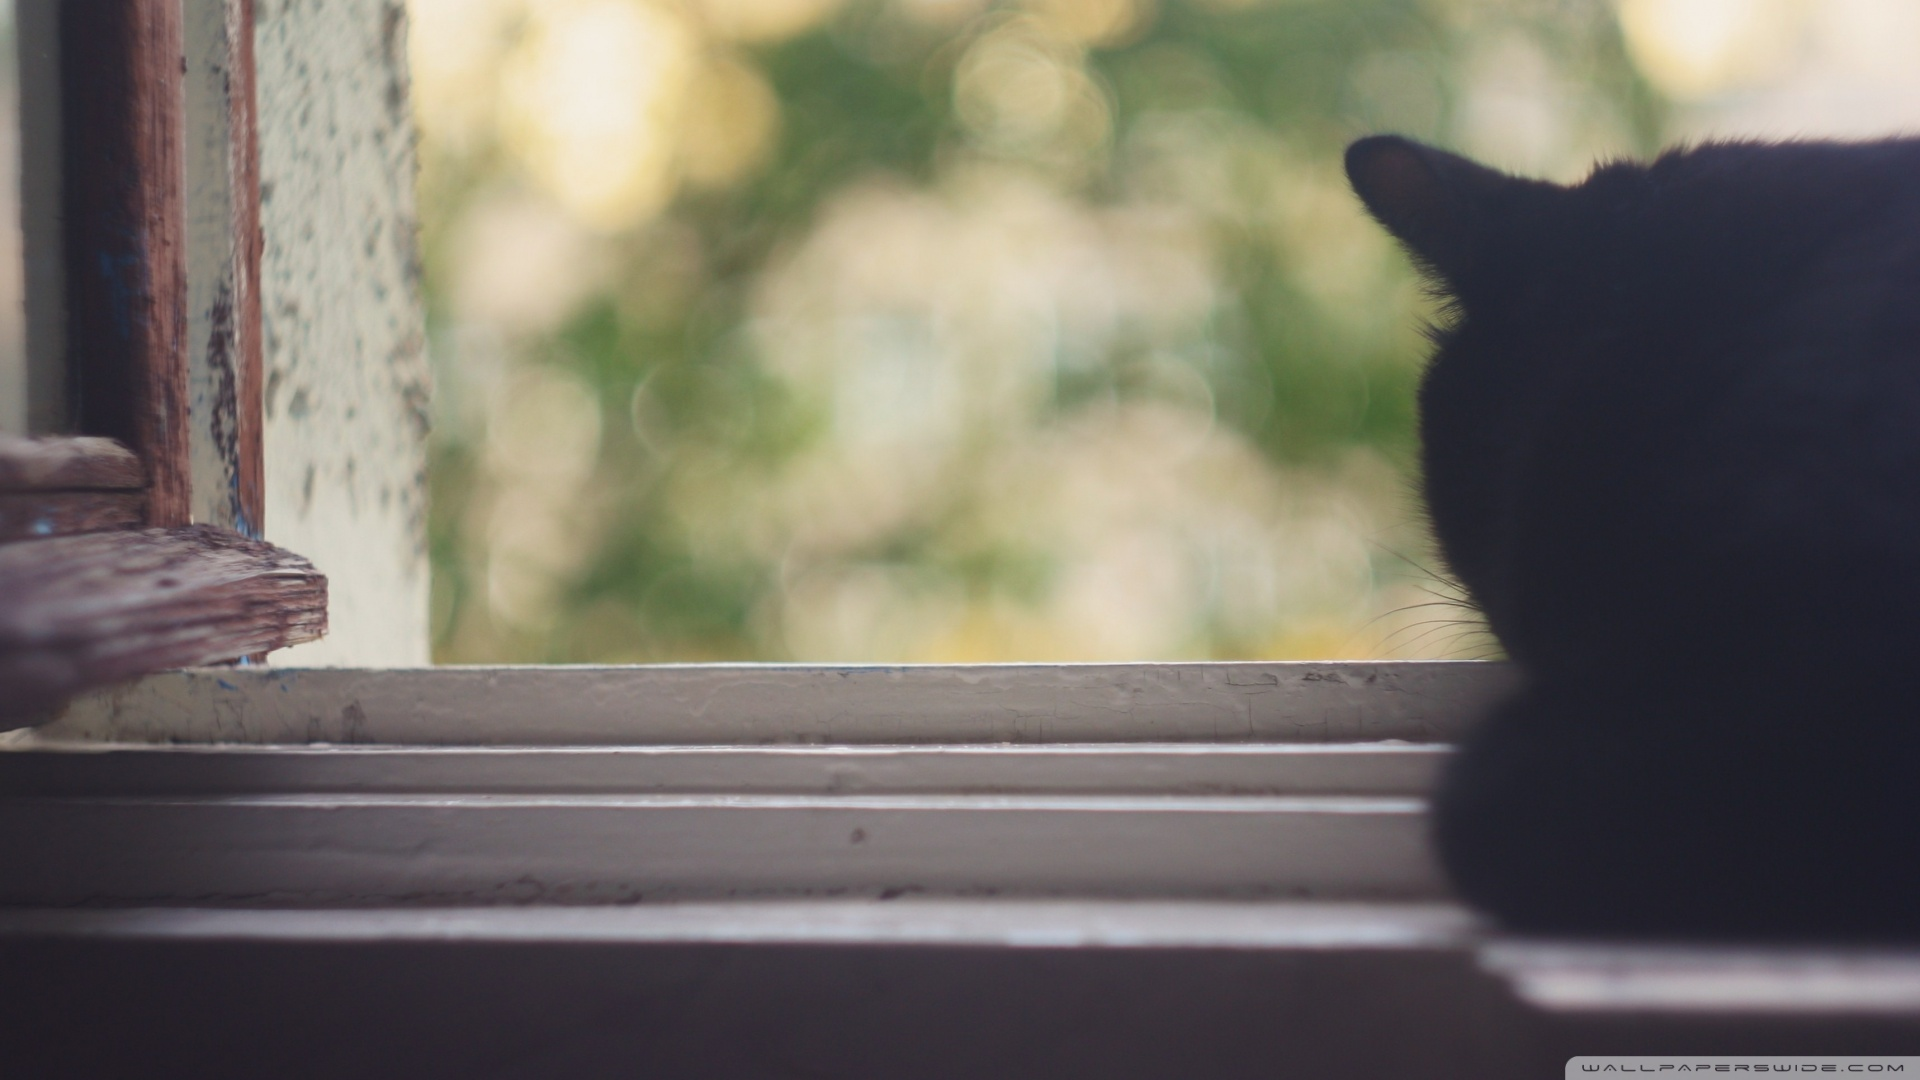 Kedi Temalı 25 Adet Duvar Kağıdı! (11)